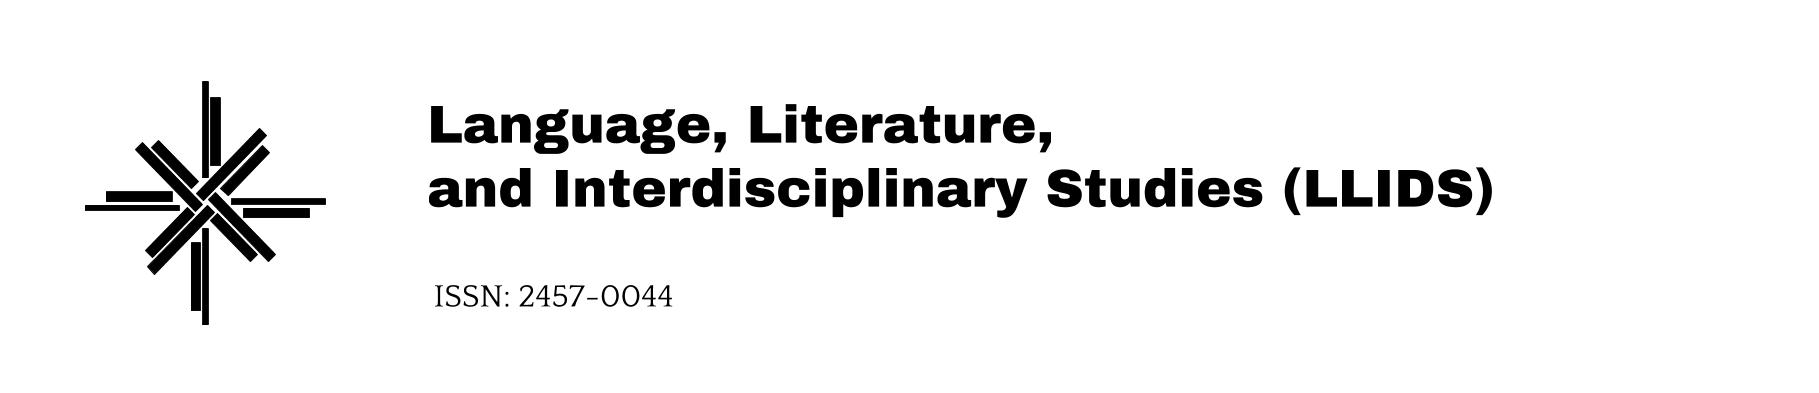 Language, Literature, and Interdisciplinary Studies